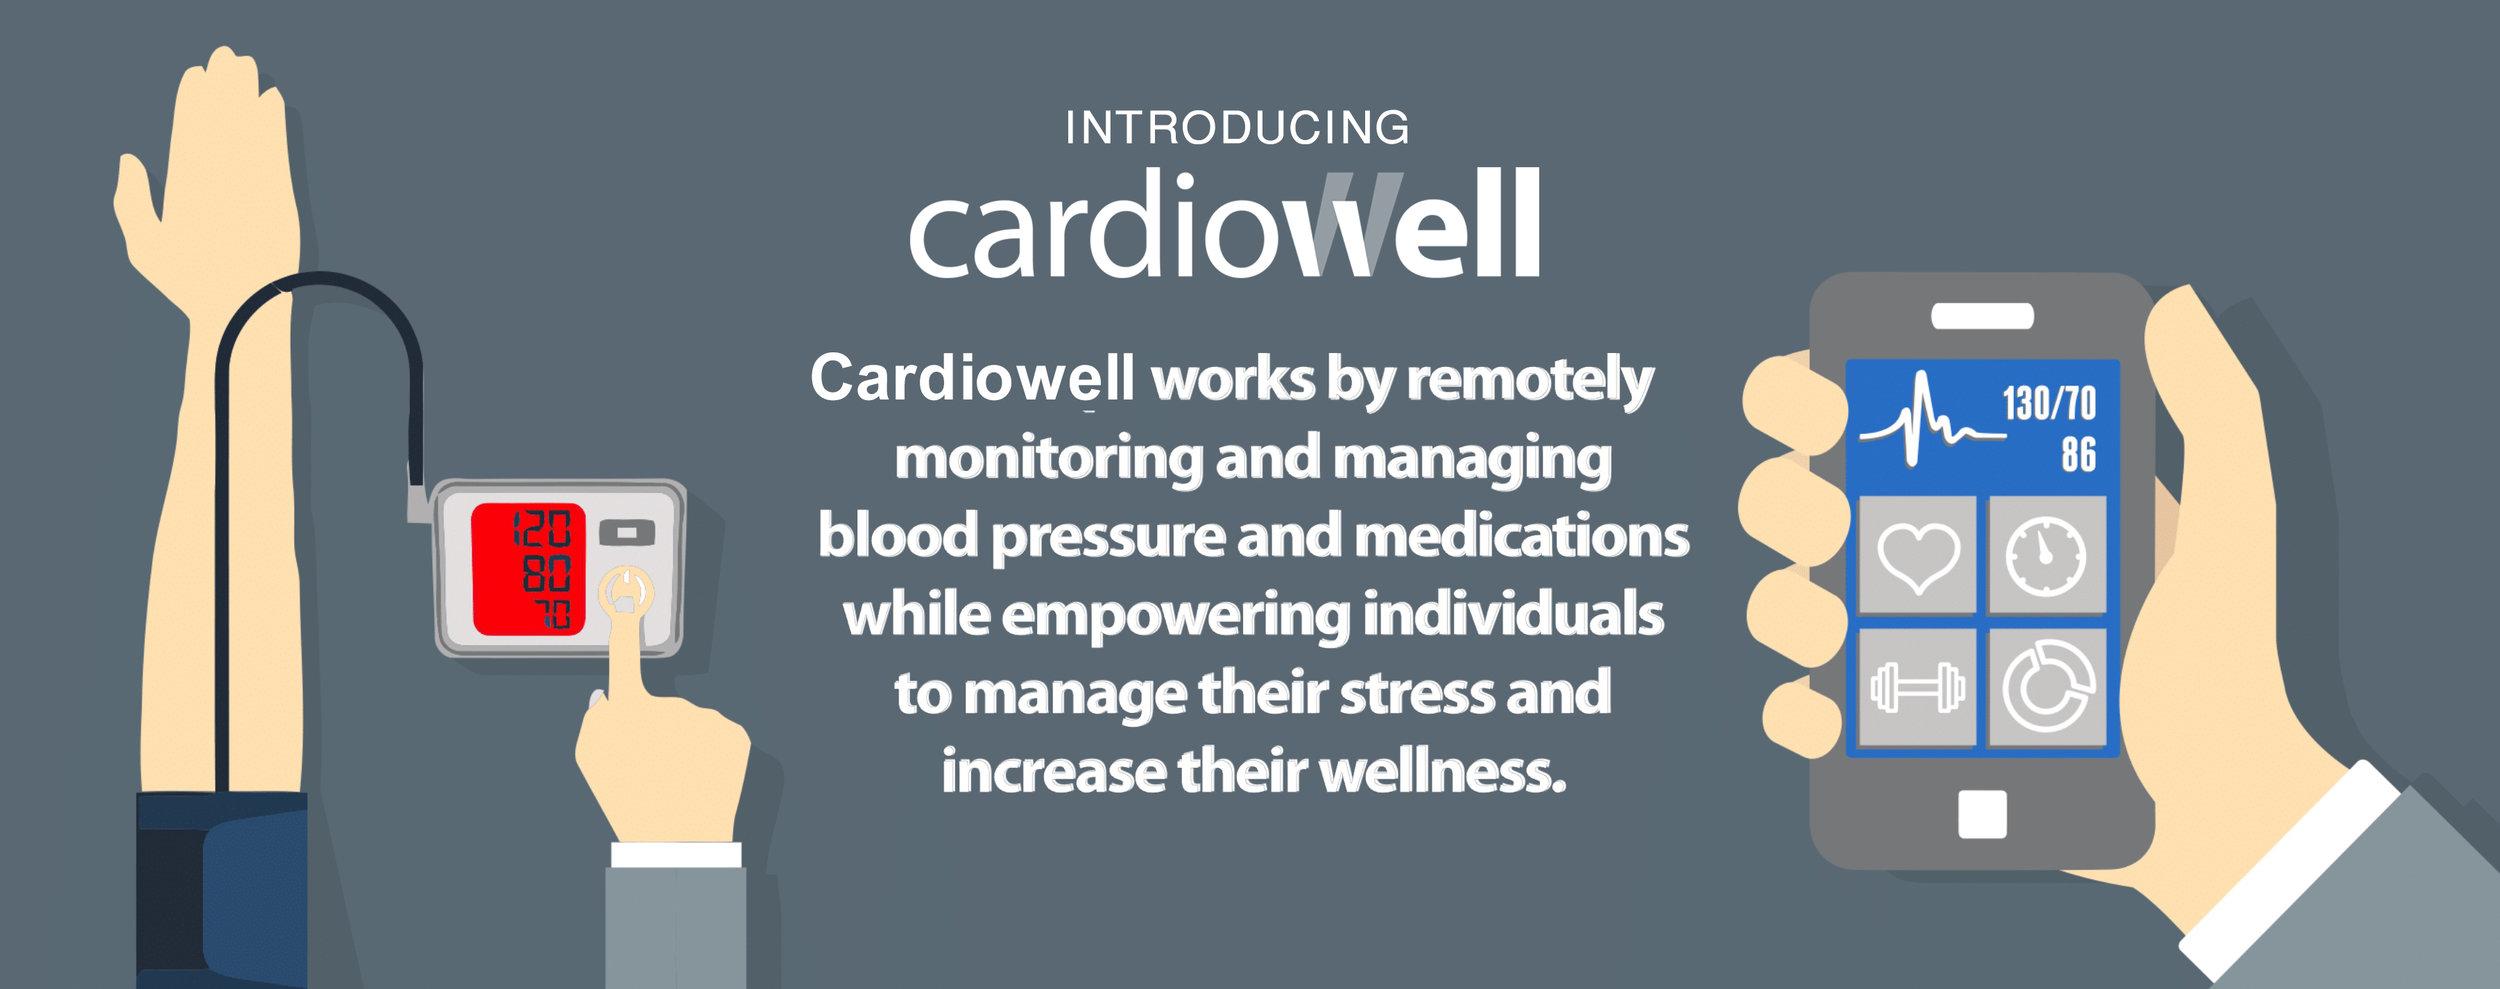 Cardiowell.jpg